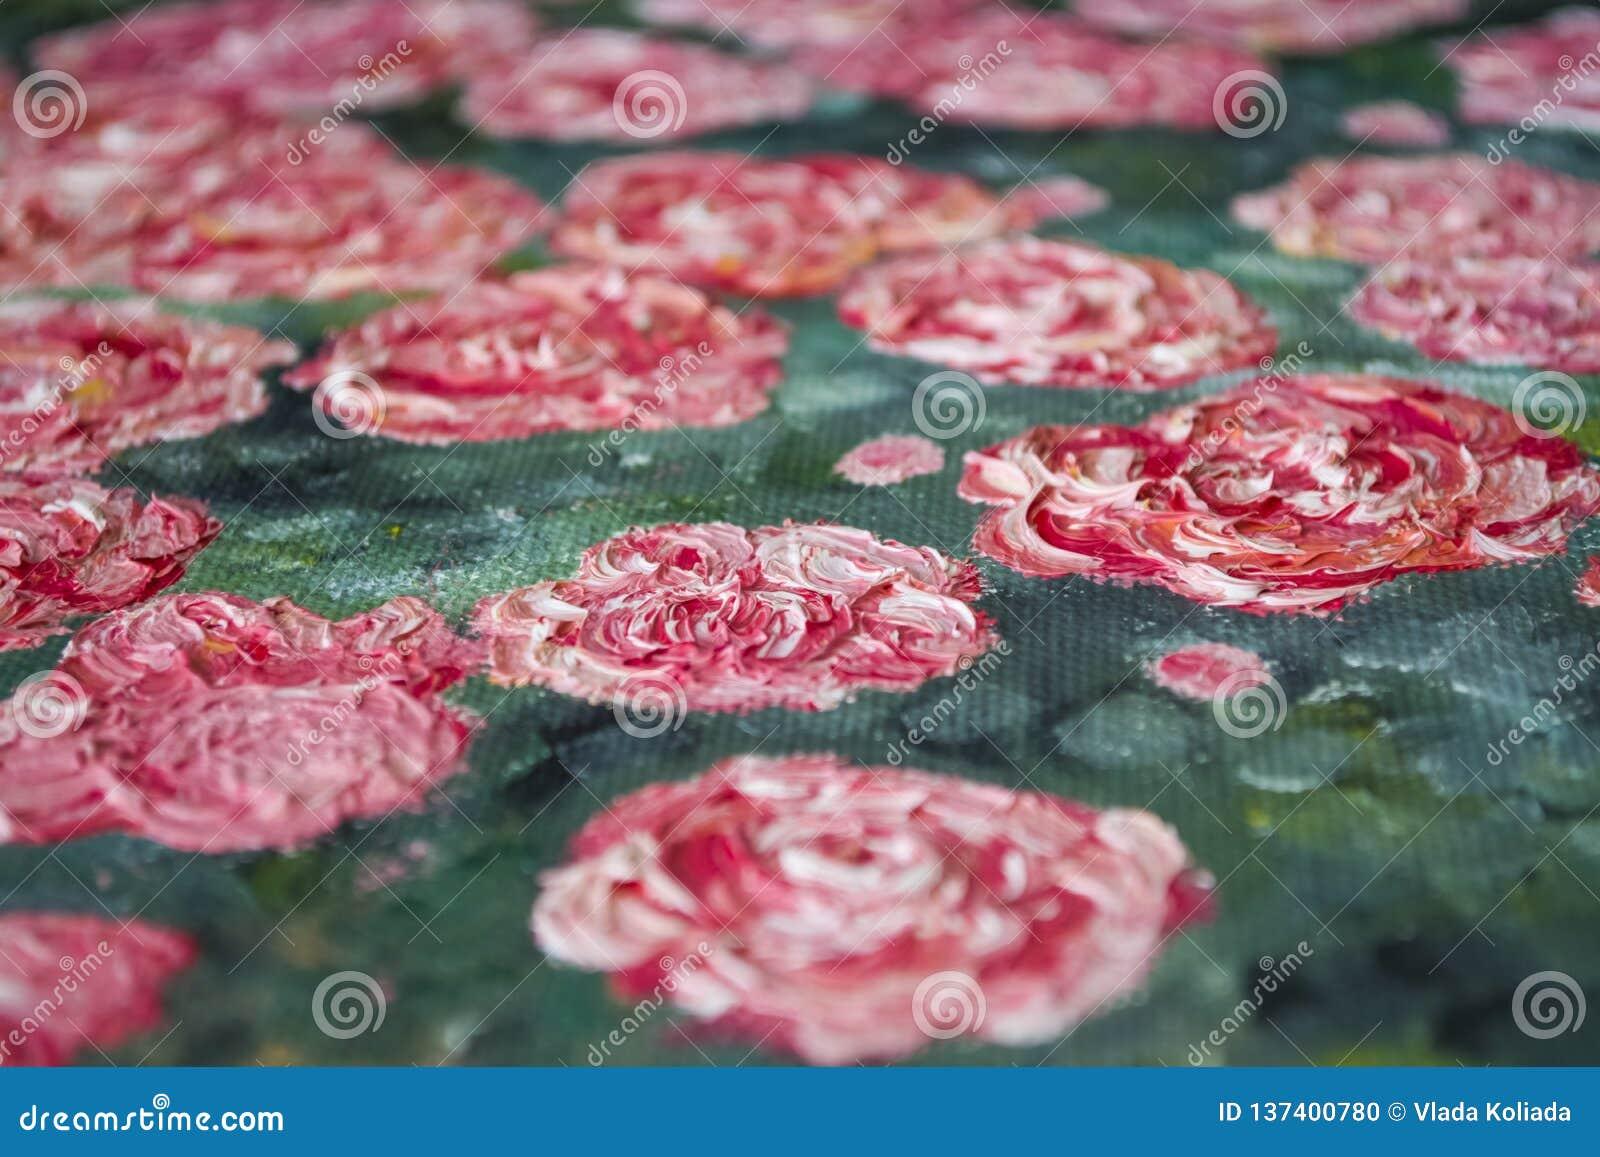 Texture Fond Une toile avec des limandes des peintures beurrées Couleurs rouges, blanches et vertes Art décor